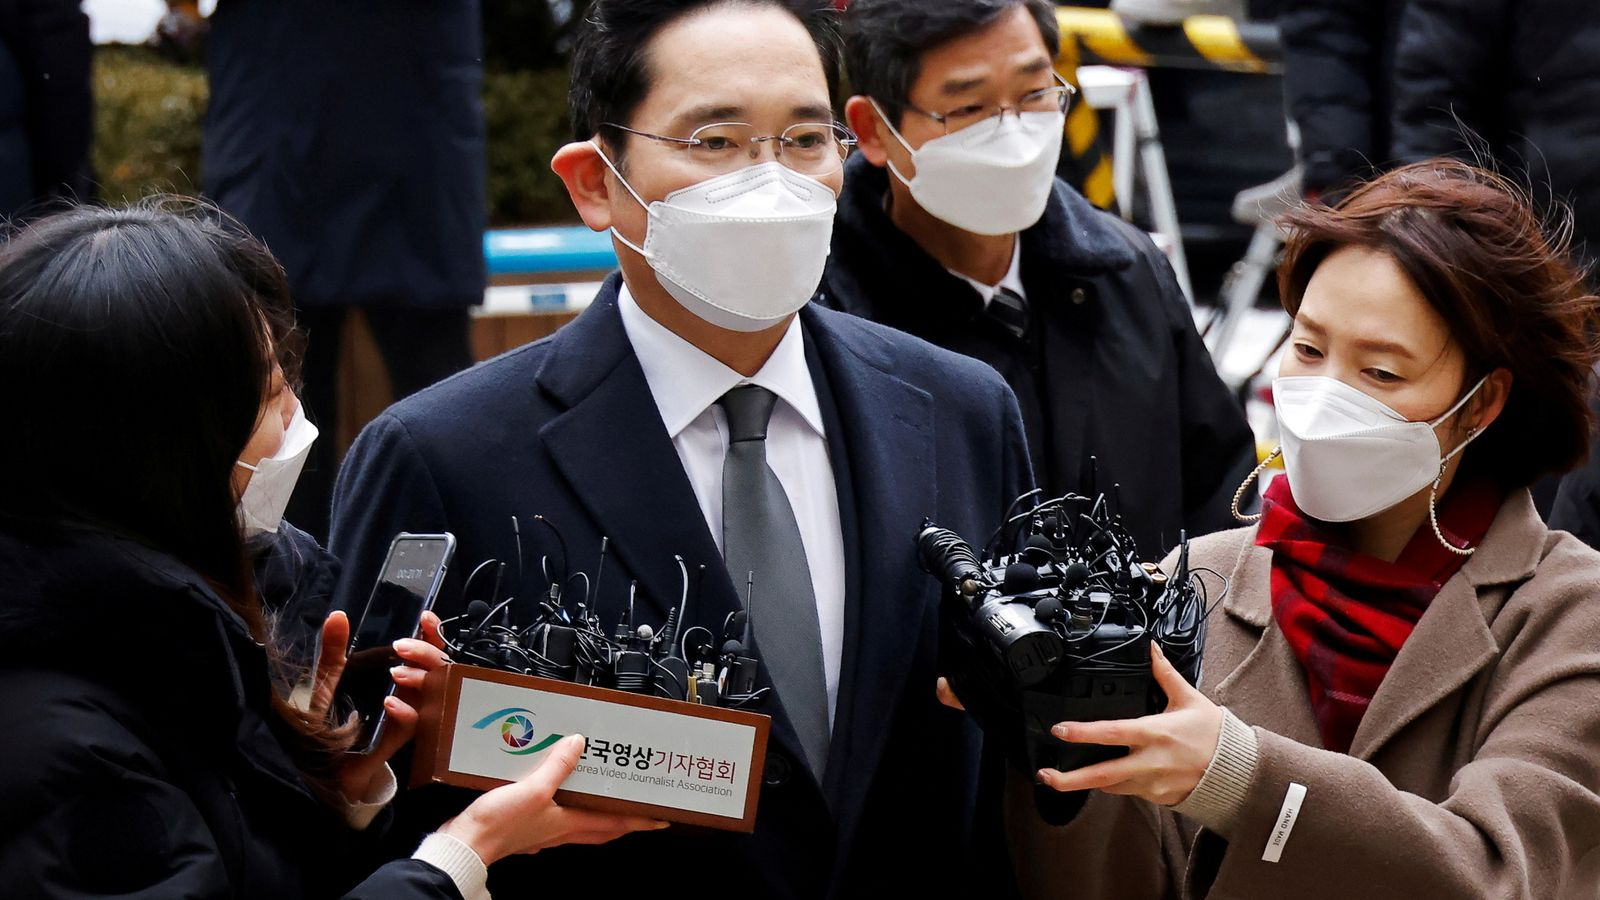 Samsung boss back behind bars over corruption scandal